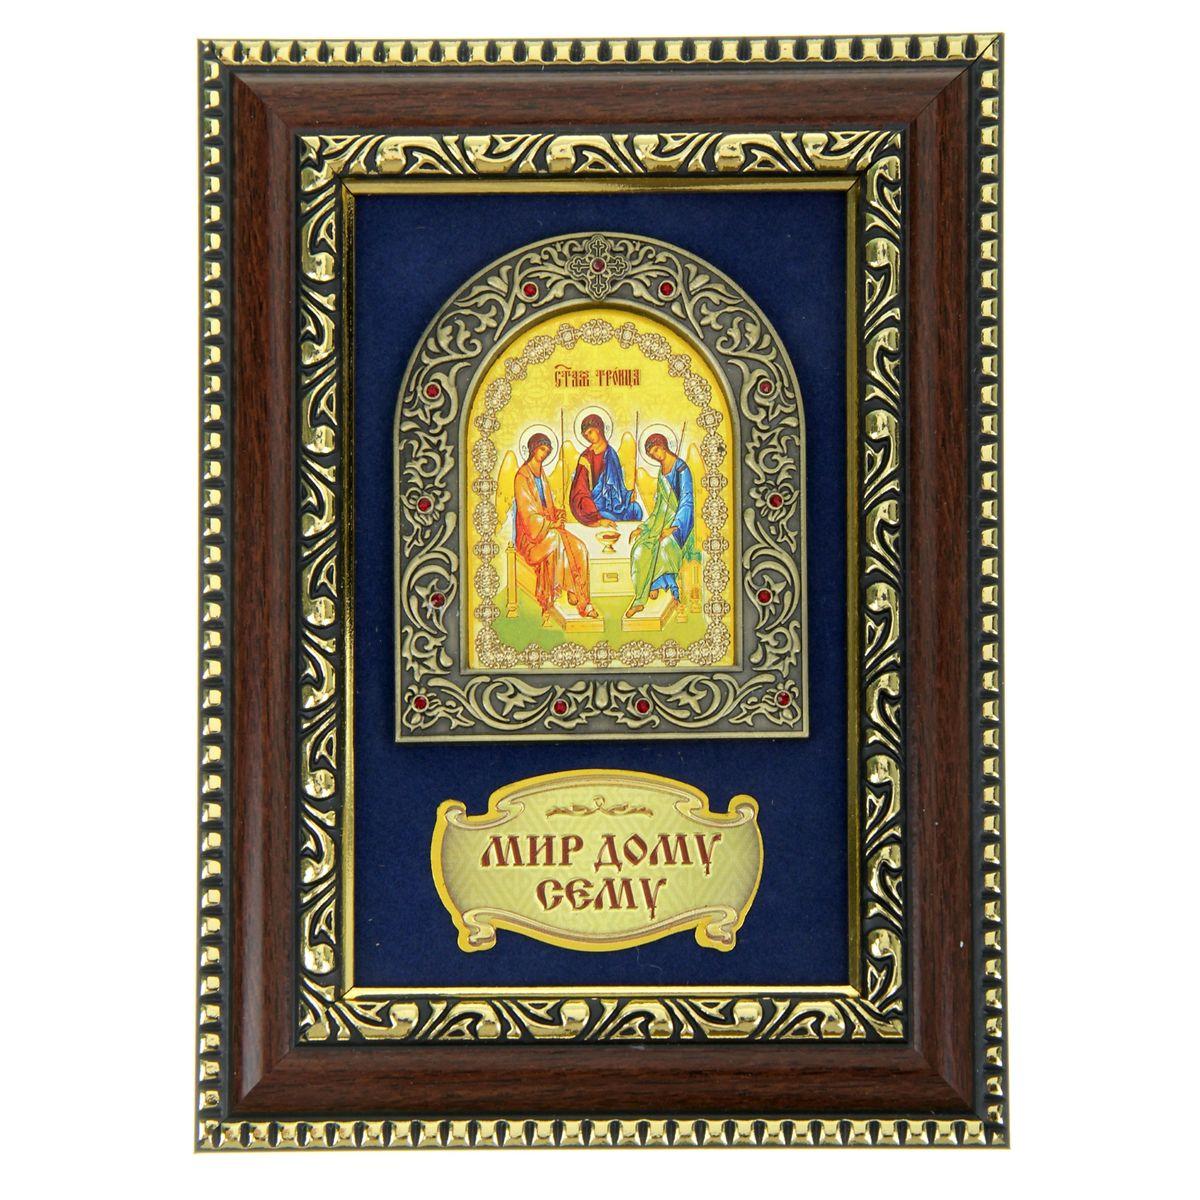 Панно-икона Святая Троица, 14,5 см х 19,5 см94672Панно-икона Святая Троица представляет собой небольшую икону, размещенную на картонной подложке синего цвета. Ниже расположена табличка с надписью Мир дому сему. Икона обрамлена в металлическую рамку, украшенную изысканным рельефом и инкрустированную мелкими красными стразами. Рамка для панно с золотистым узорным рельефом выполнена из дерева. Панно можно подвесить на стену или поставить на стол, для чего с задней стороны предусмотрена специальная ножка. Любое помещение выглядит незавершенным без правильно расположенных предметов интерьера. Они помогают создать уют, расставить акценты, подчеркнуть достоинства или скрыть недостатки. Не бывает незначительных деталей. Из мелочей складывается образ человека и стиль интерьера. Панно-икона Святая Троица - одна из тех деталей, которые придают дому обжитой вид и создают ощущение уюта.